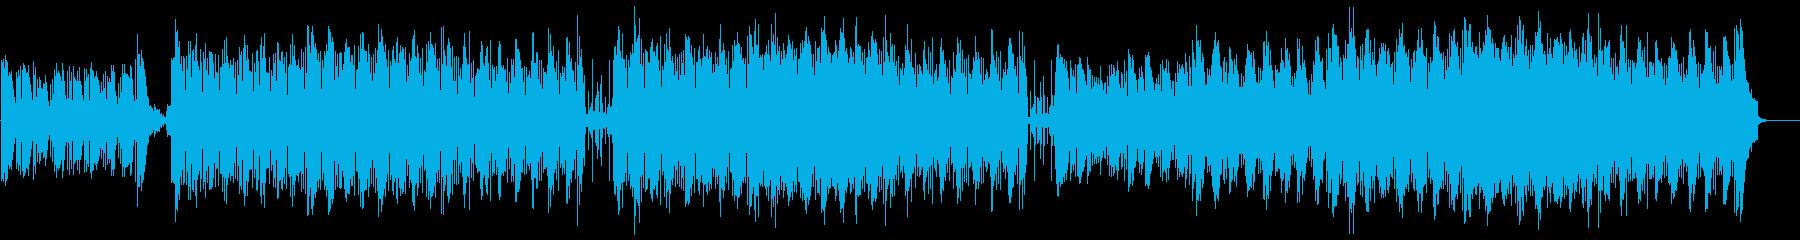 ピアノメインの切ない曲の再生済みの波形